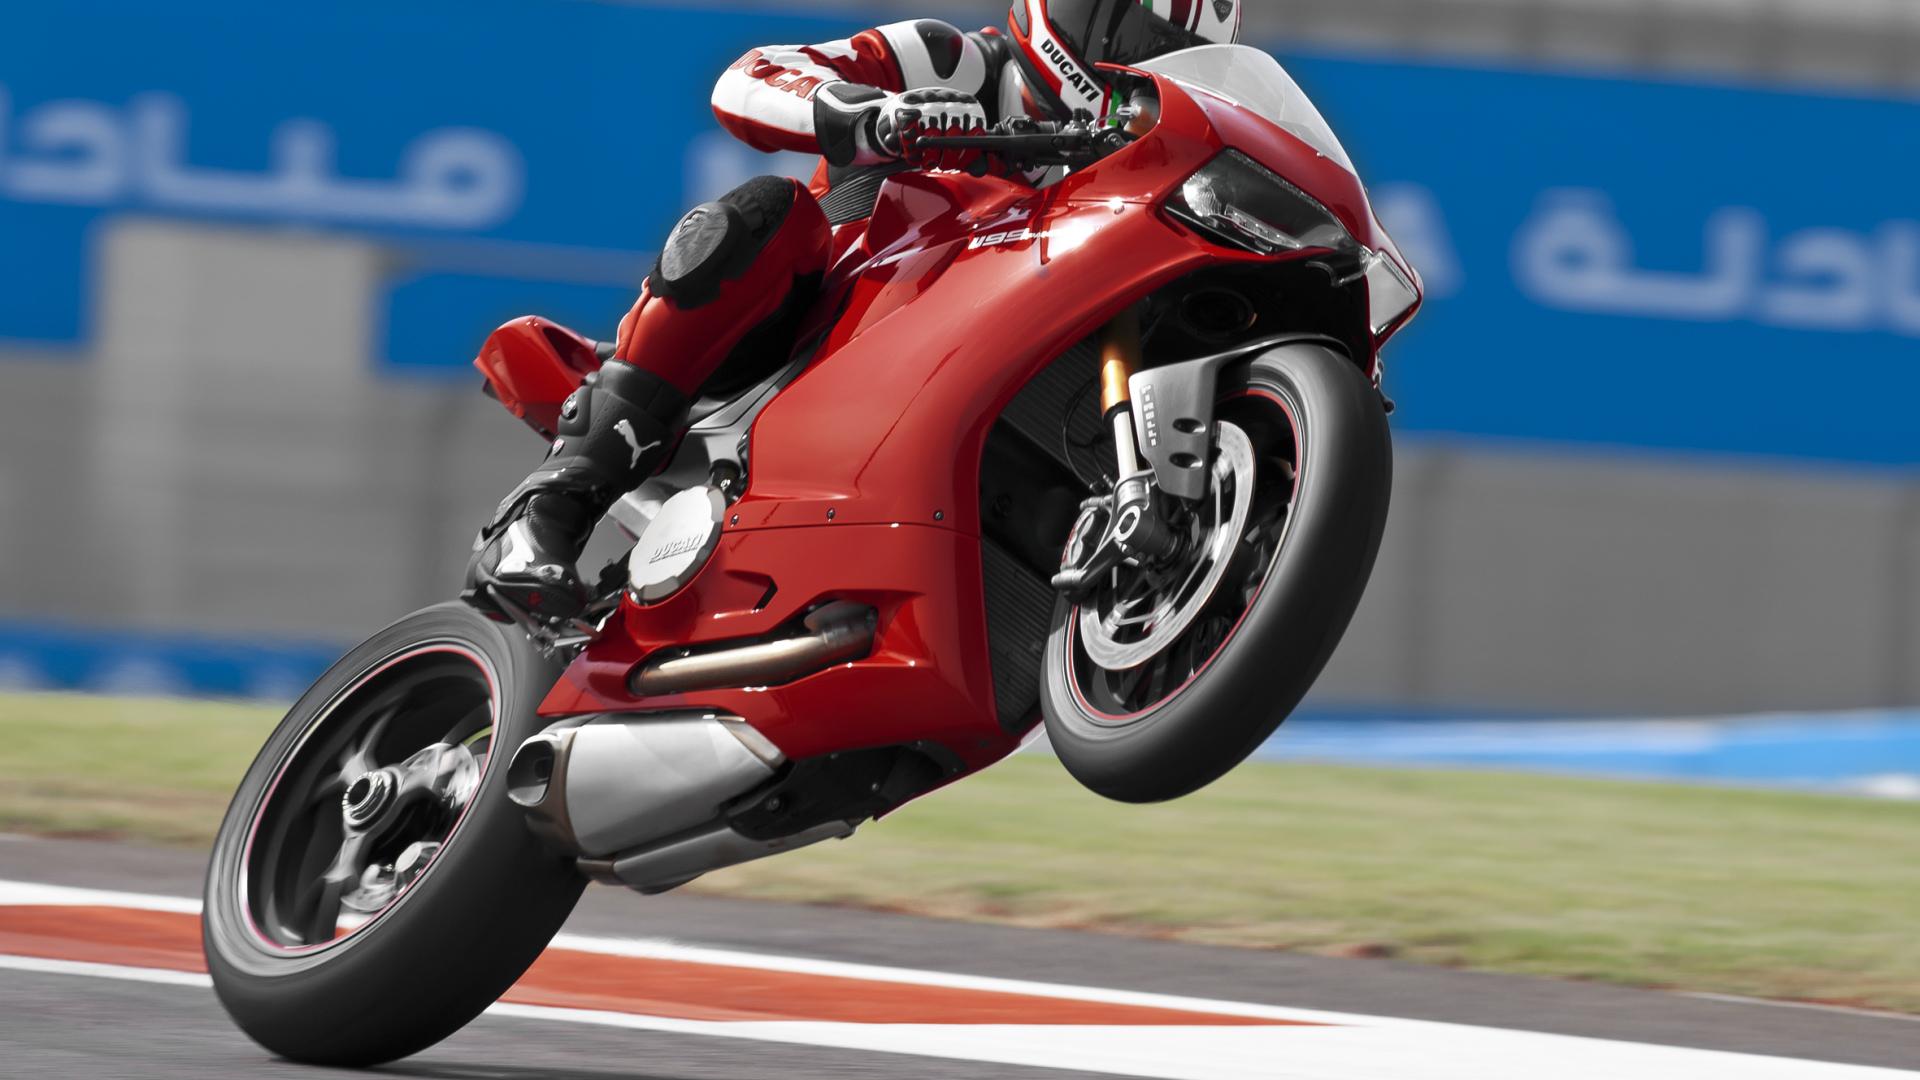 Las Motos Mas Caras Del Mundo C also Ncr M also Motos Rapidas in addition X as well Ncr Macchia Nera Concept. on ducati ncr m16